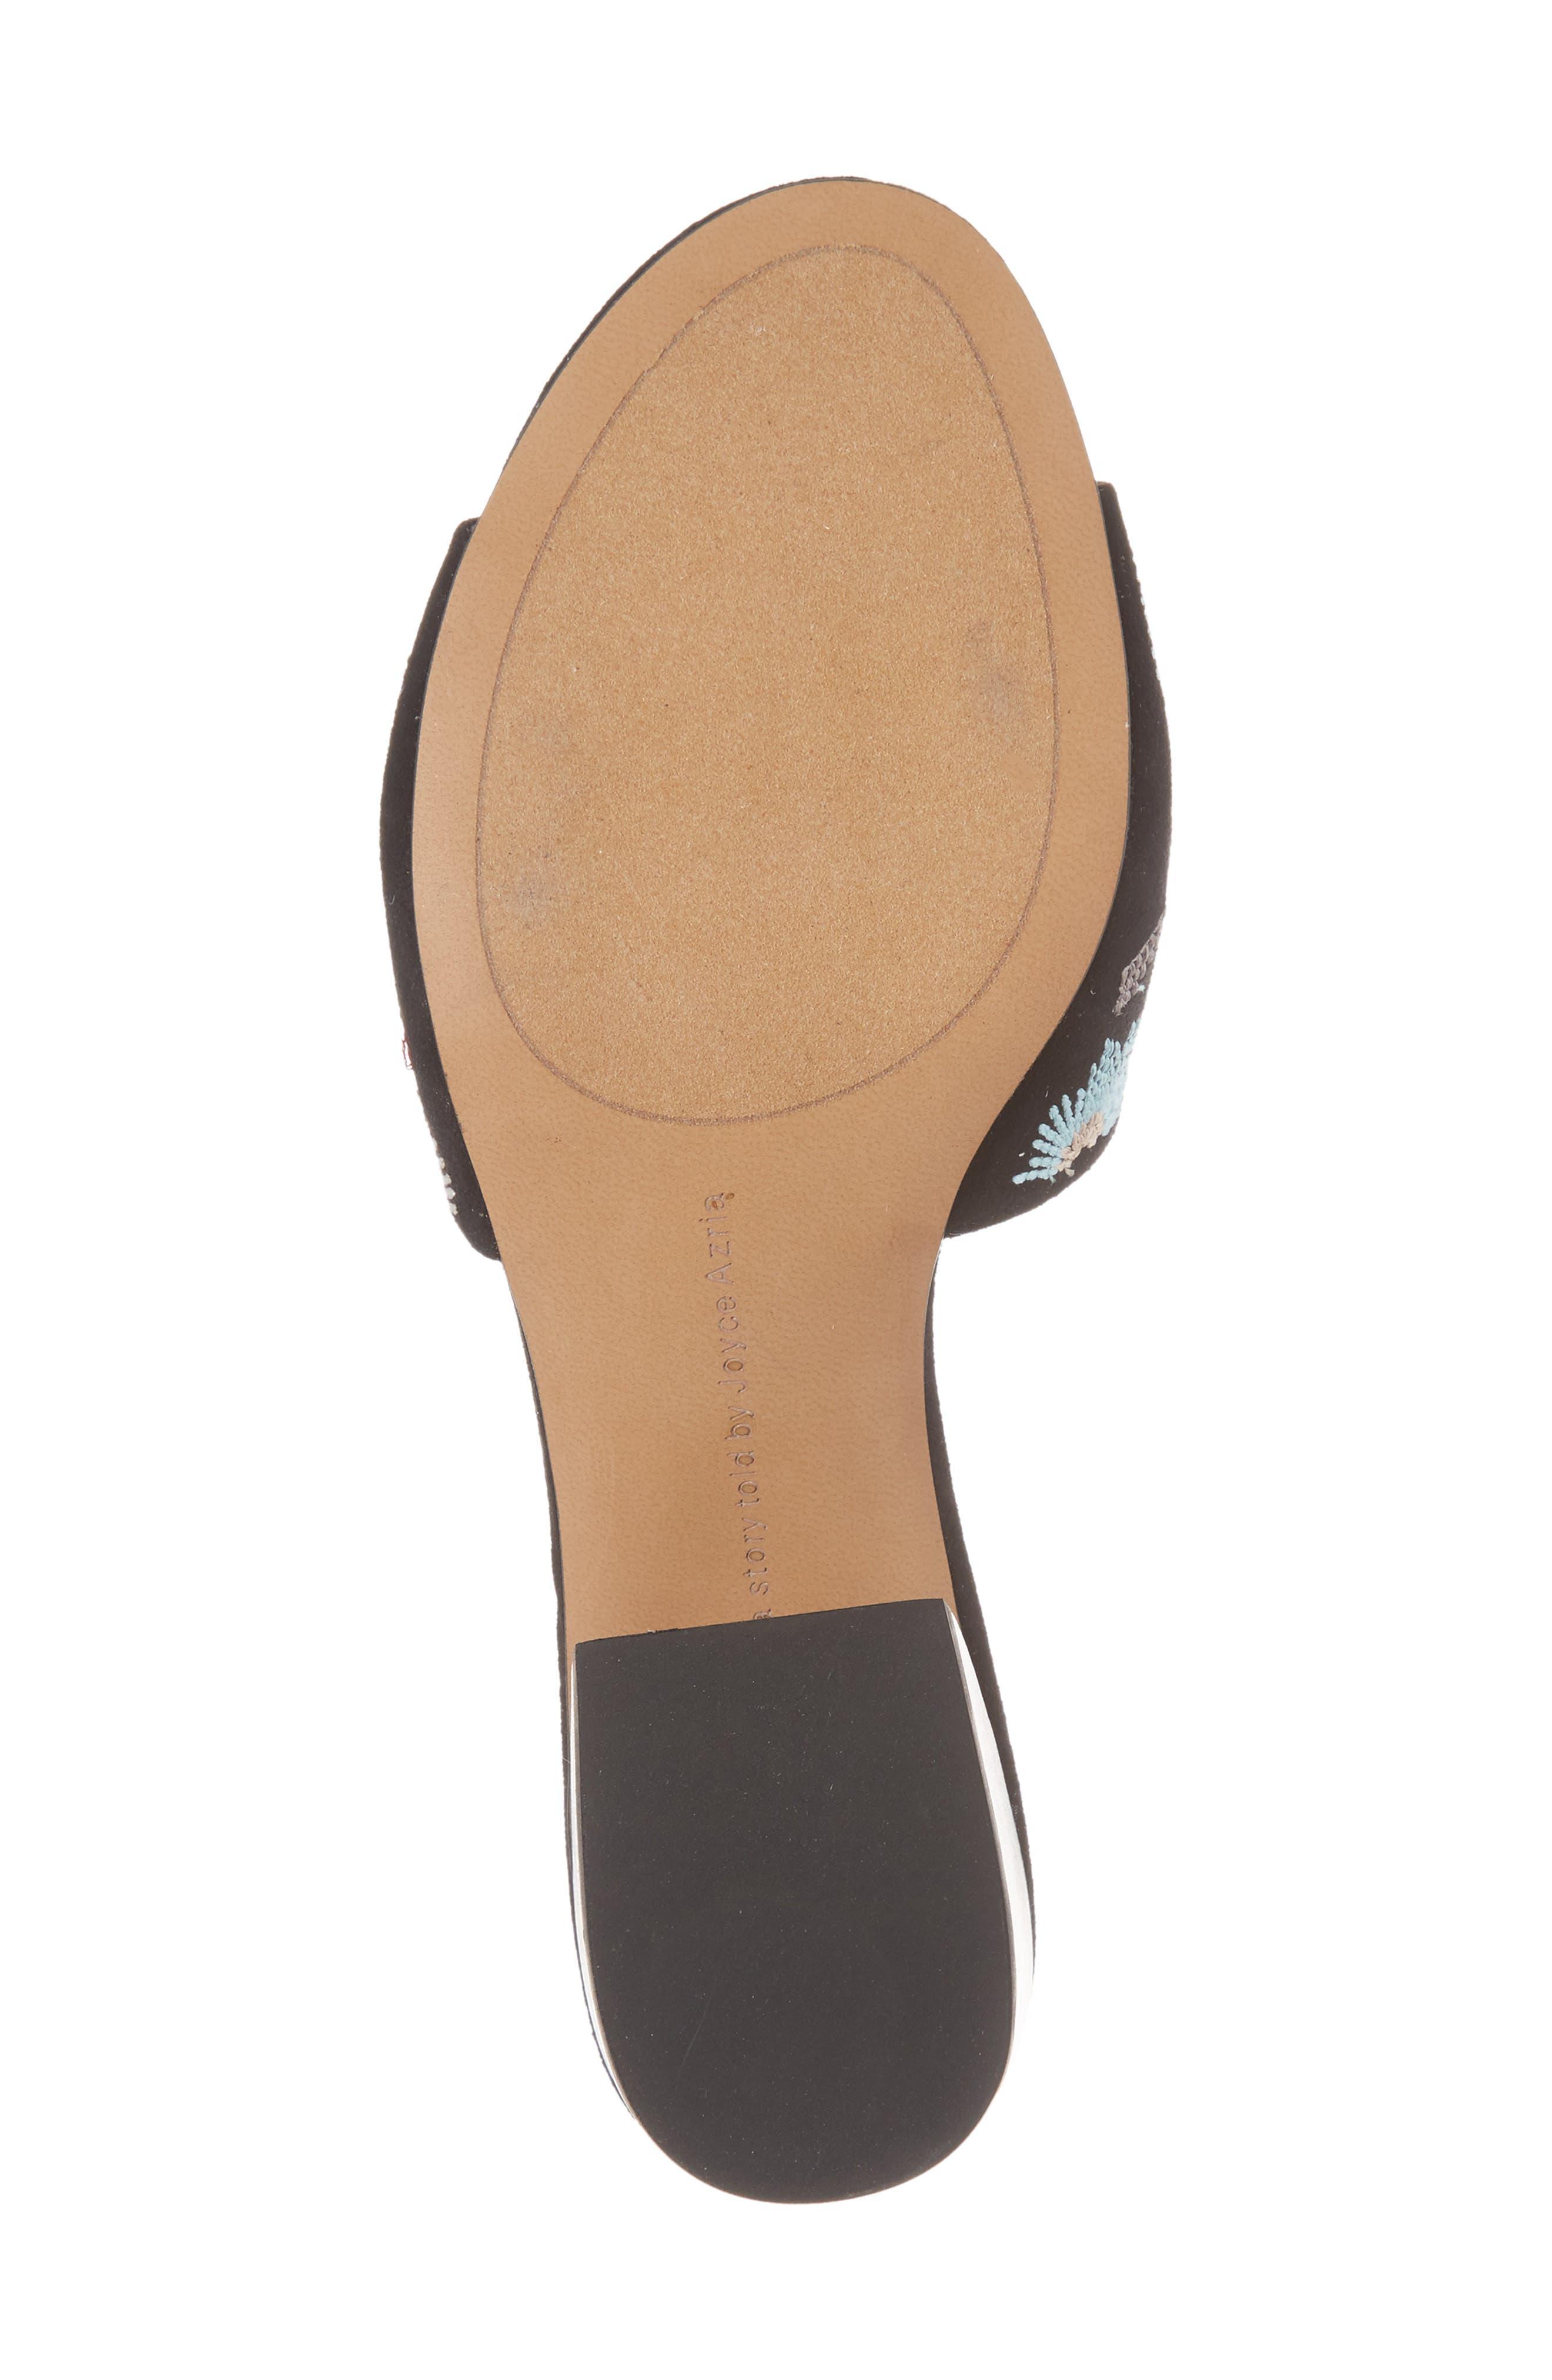 Sloane Sandal,                             Alternate thumbnail 6, color,                             Black Multi Fabric